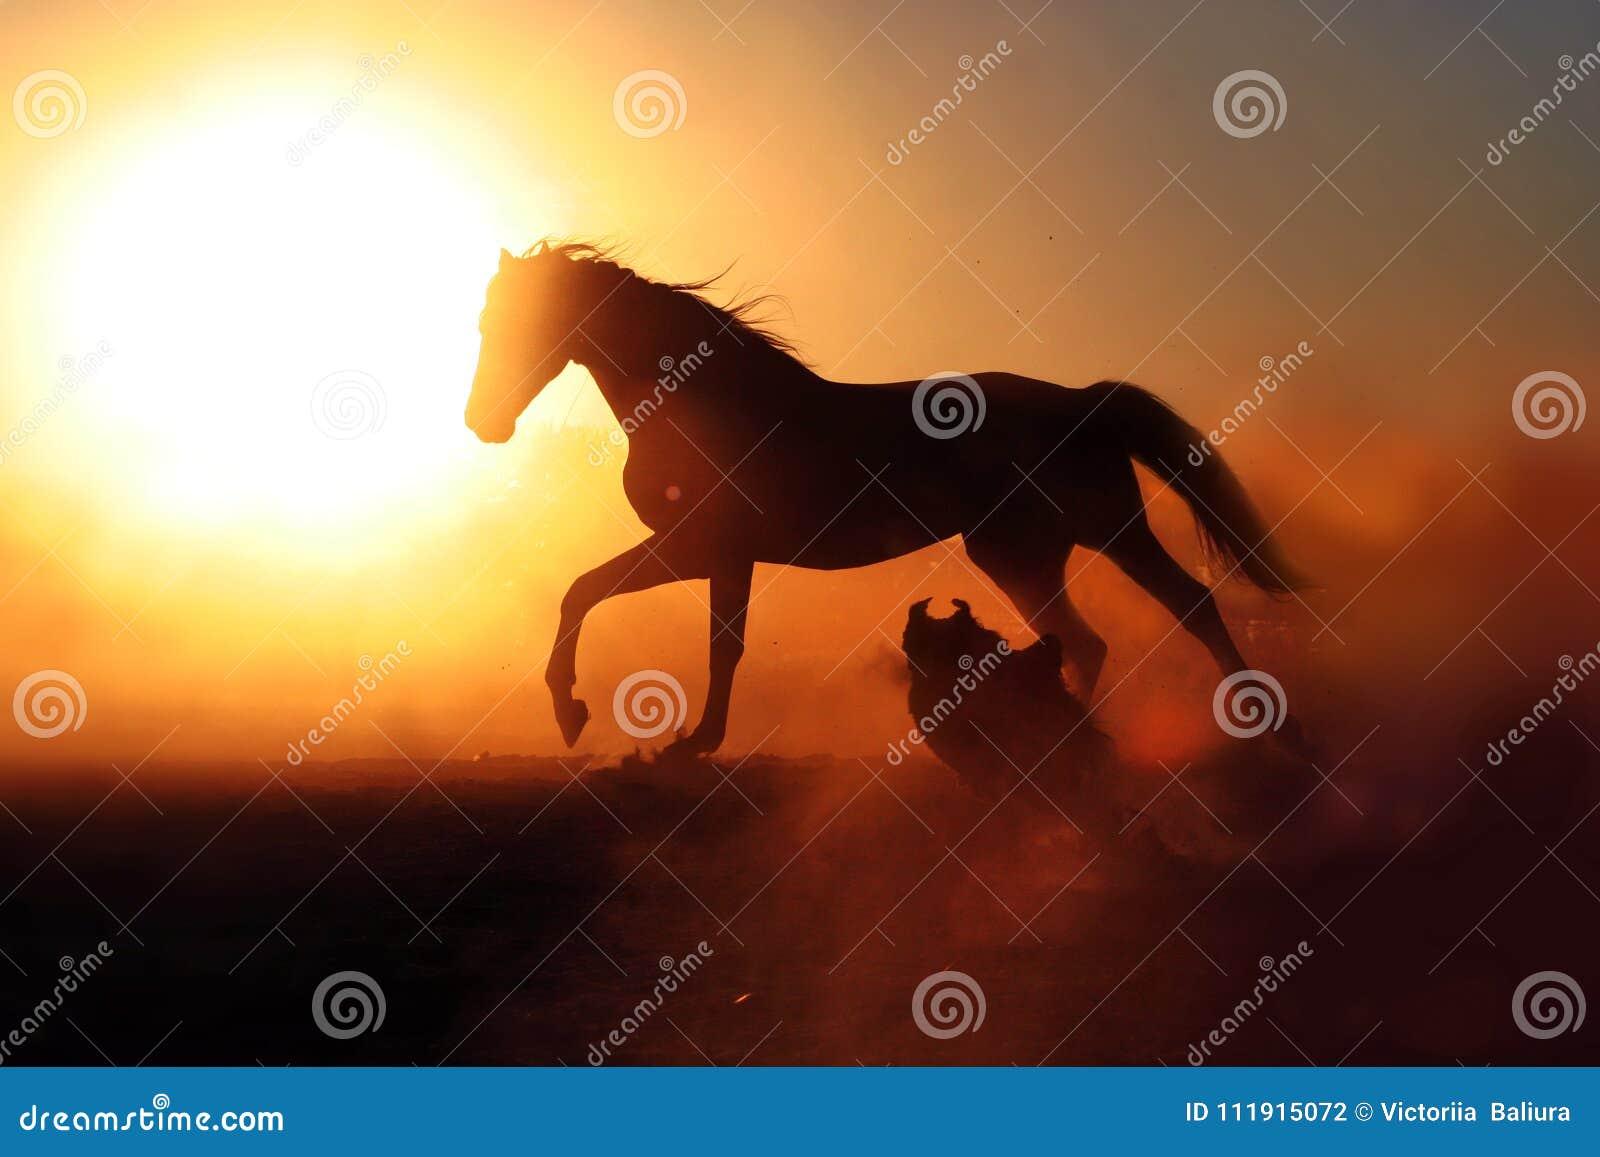 Horse And Dog On Sunset Background Stock Photo Image Of Snow Animal 111915072